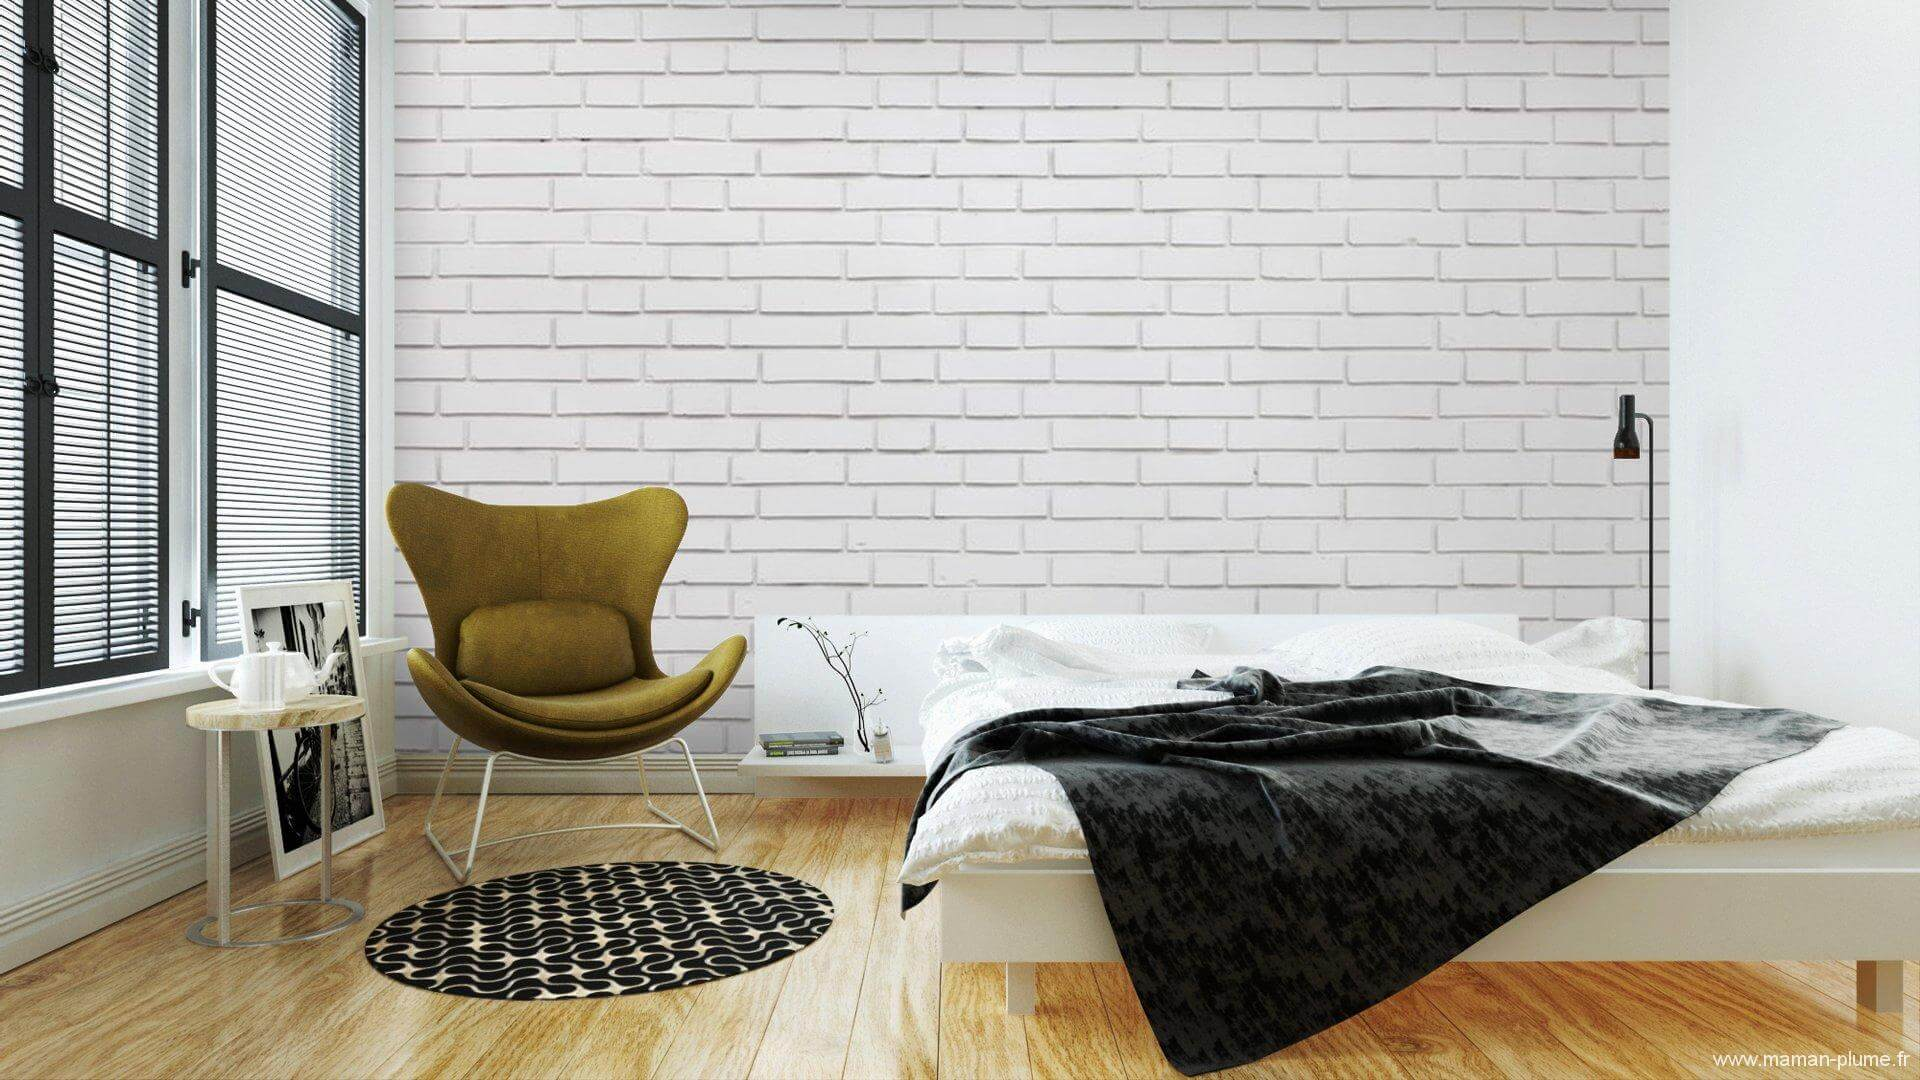 Papiers Peints Autocollants Pour Chambre A Coucher Themes Mur Brique Blanc